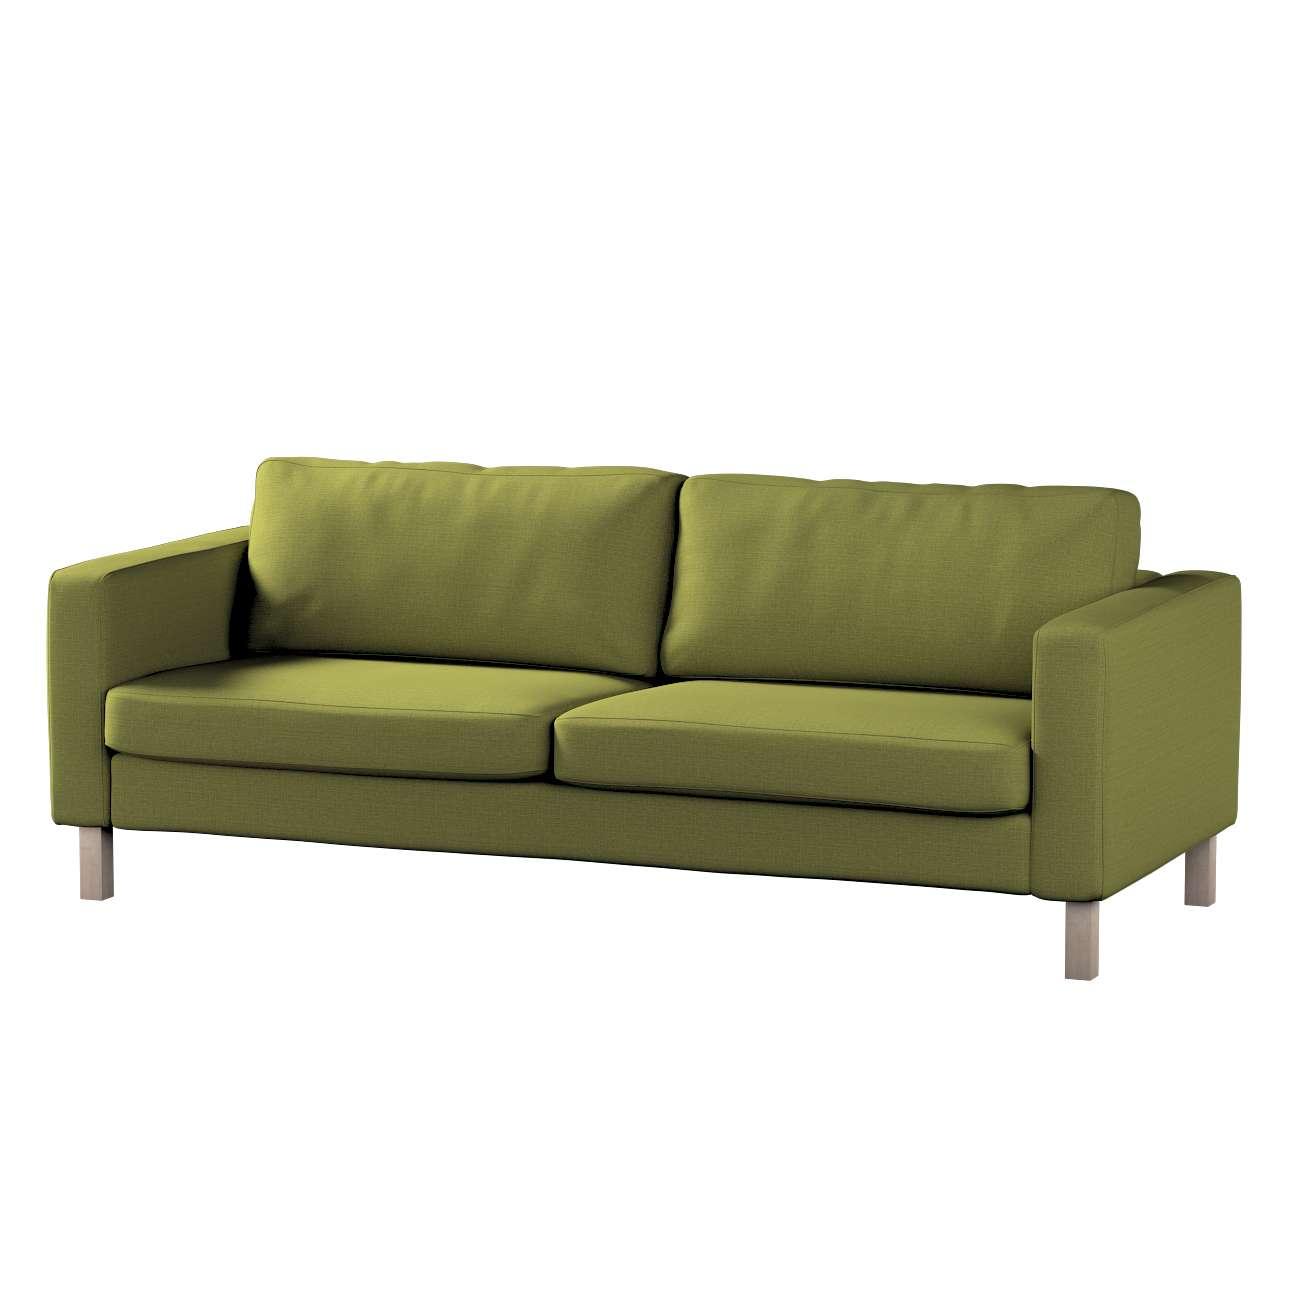 Potah na pohovku IKEA  Karlstad 3-místná, nerozkládací, krátký v kolekci Living II, látka: 161-13